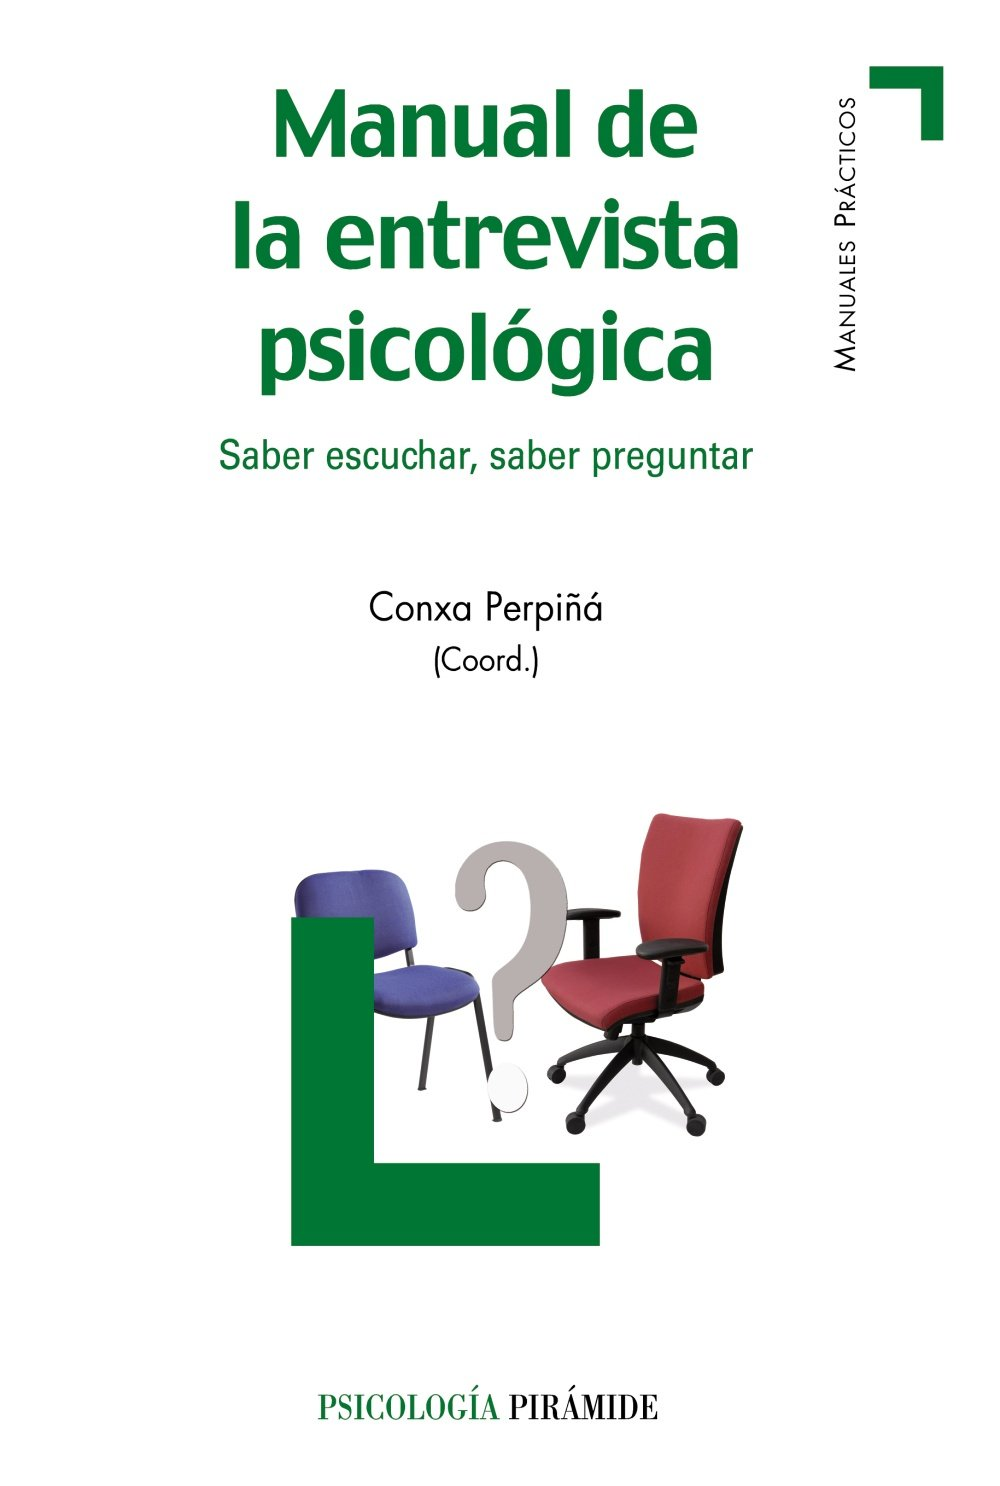 Manual de la entrevista psicológica: Saber escuchar, saber preguntar (Manuales Prácticos) Tapa dura – 29 may 2012 Conxa Perpiñá Pirámide 8436826914 Educación Pedagogía